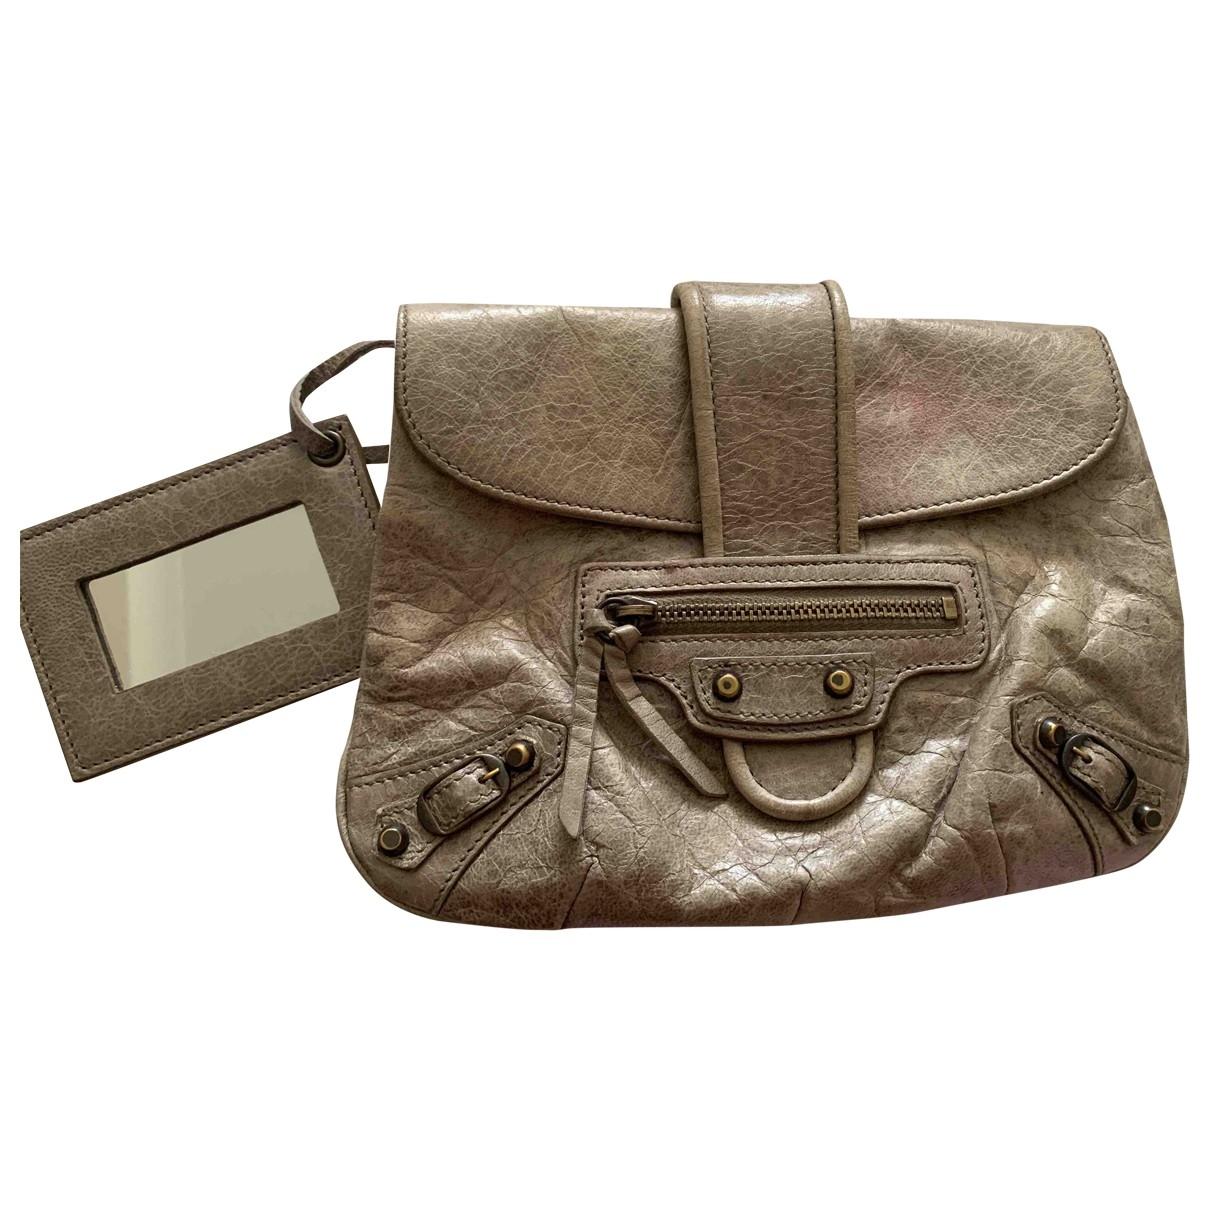 Balenciaga \N Grey Leather Clutch bag for Women \N